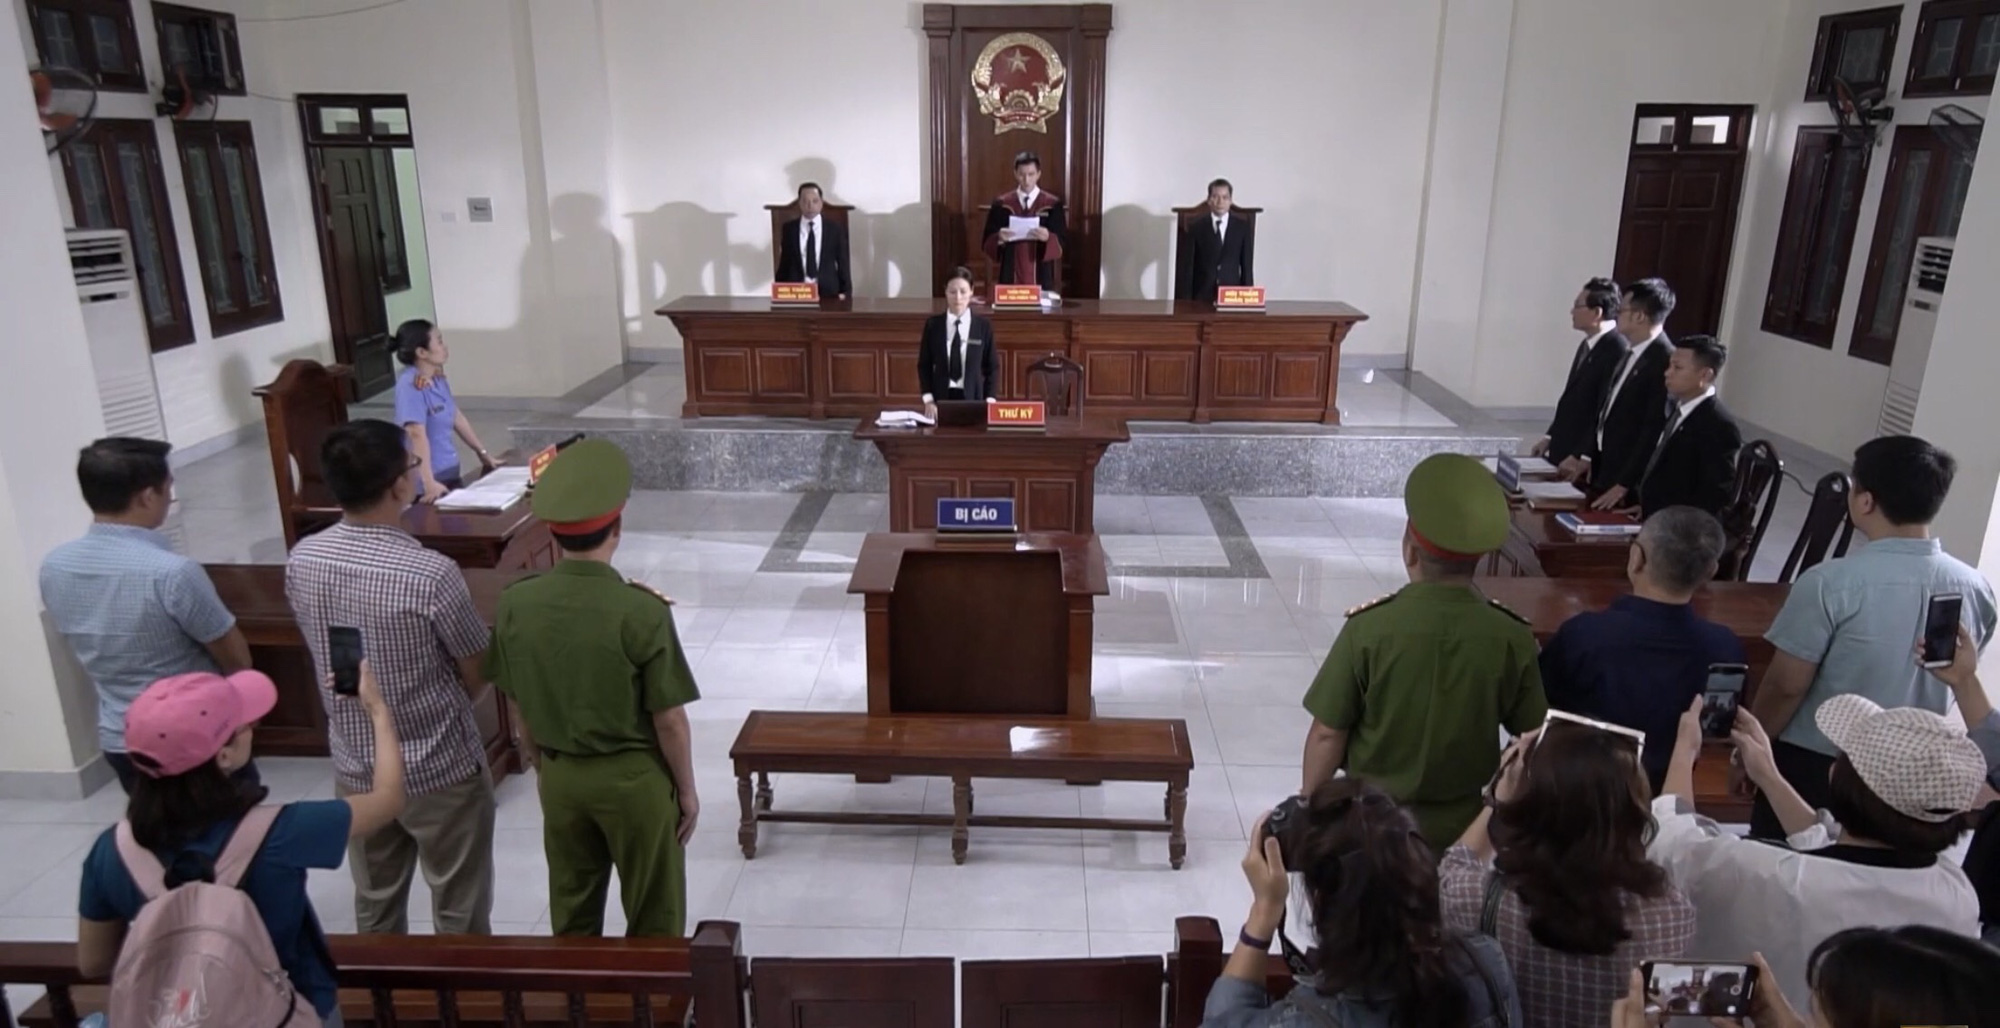 Lựa chọn số phận tập 51: Đức làm thẳng thắng phá đám đêm lãng mạng của Trang và Tấn - Ảnh 1.